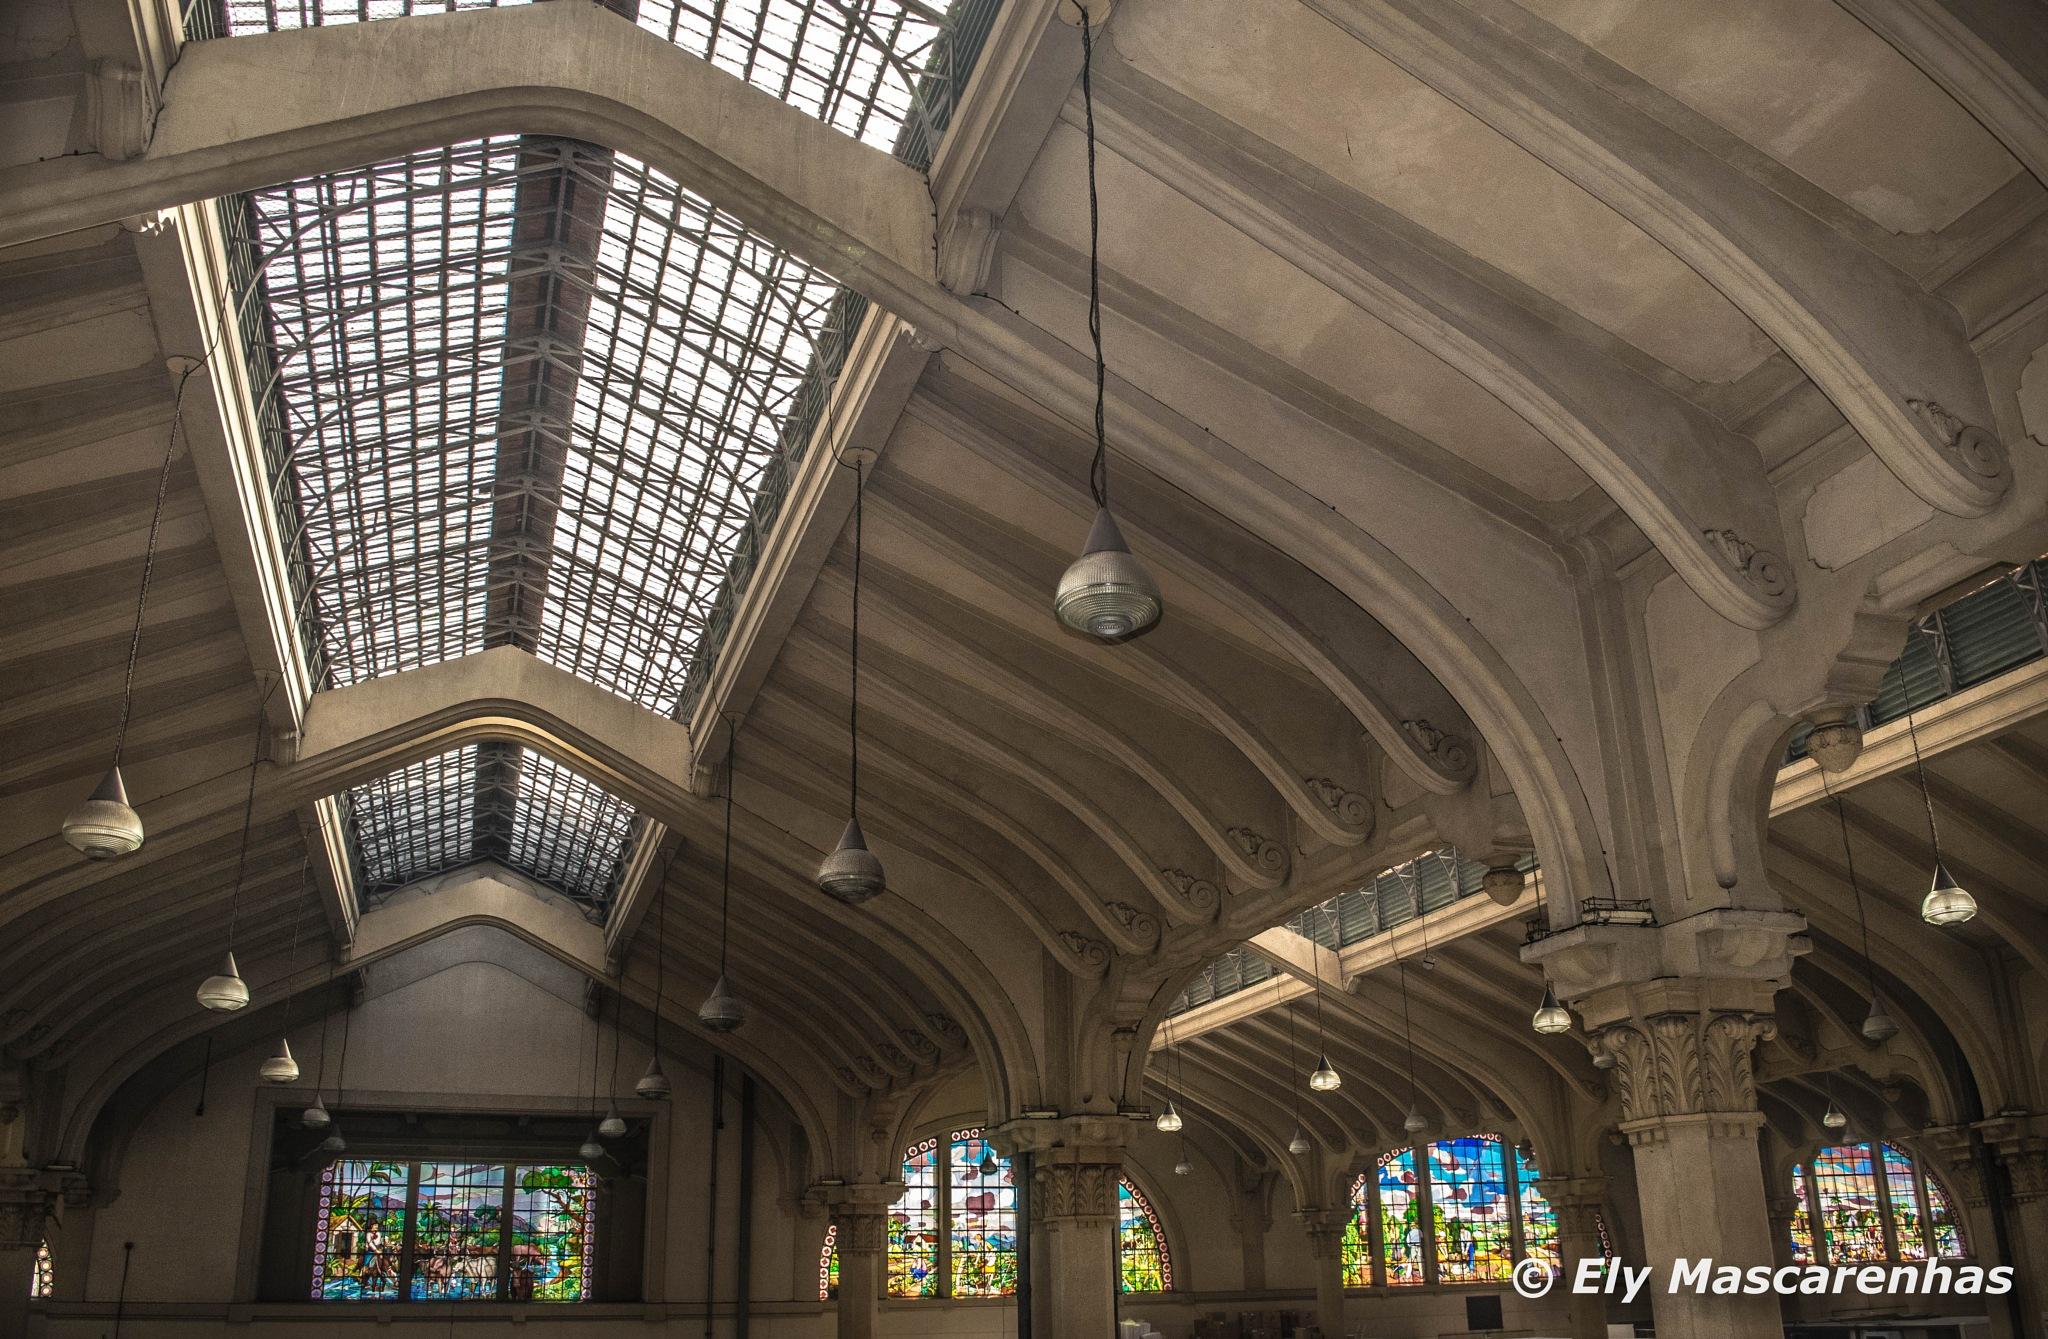 Teto e vitrais do Mercado by Ely Mascarenhas